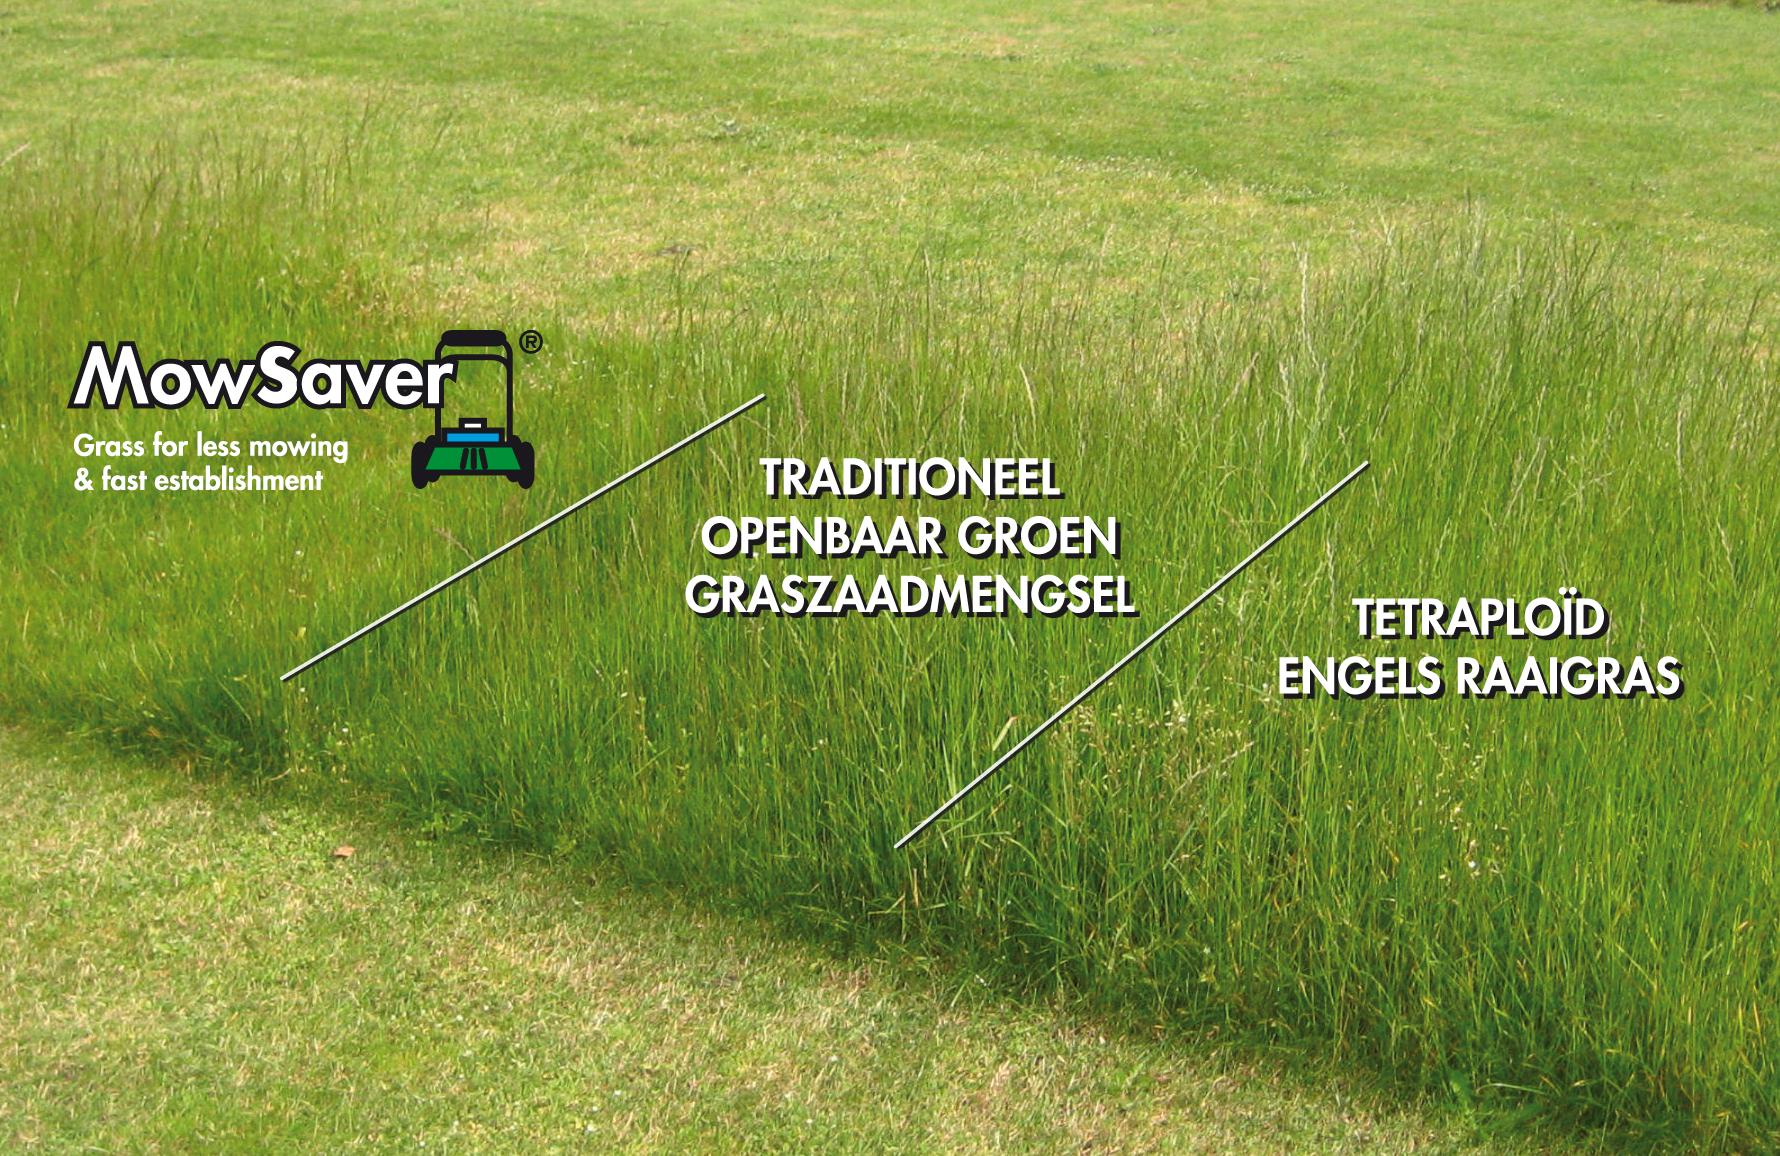 Laag-blijvend gras presteert beter dan traditionele openbaar groen grassen en tetraploids raaigrassen.